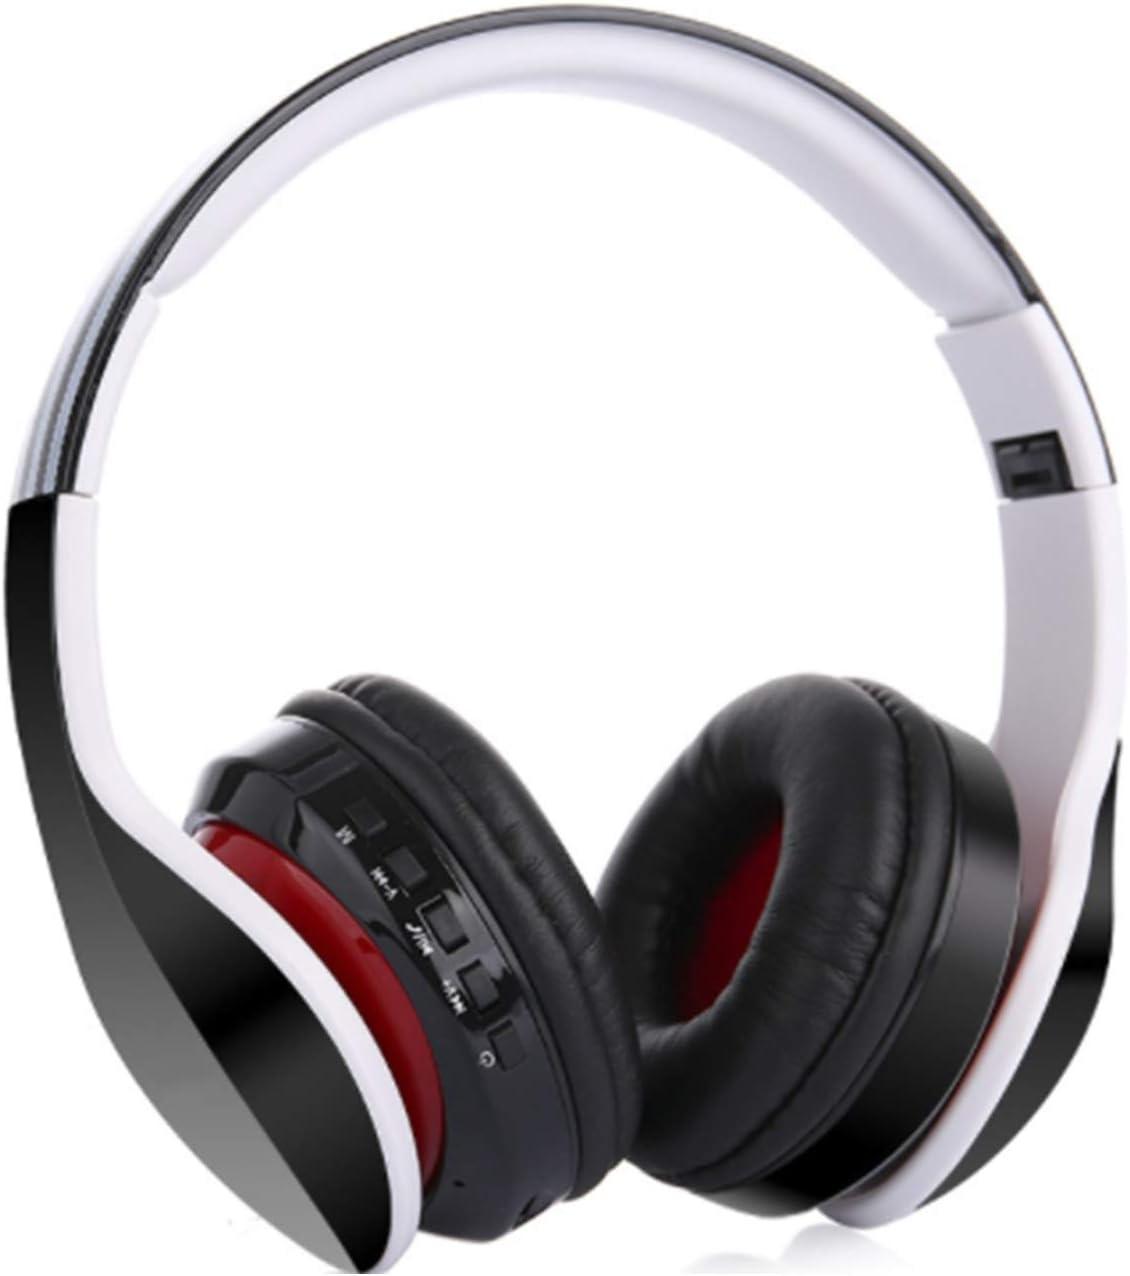 Color : Red Lifestyle Kopfh/örer Wireless Kopfh/örer Bluetooth Wireless Kopfh/örer Noise Cancelling Stereo Drahtlose Headset Over Ear mit Mikro Lautst/ärkeregler f/ür alle Ger/äte